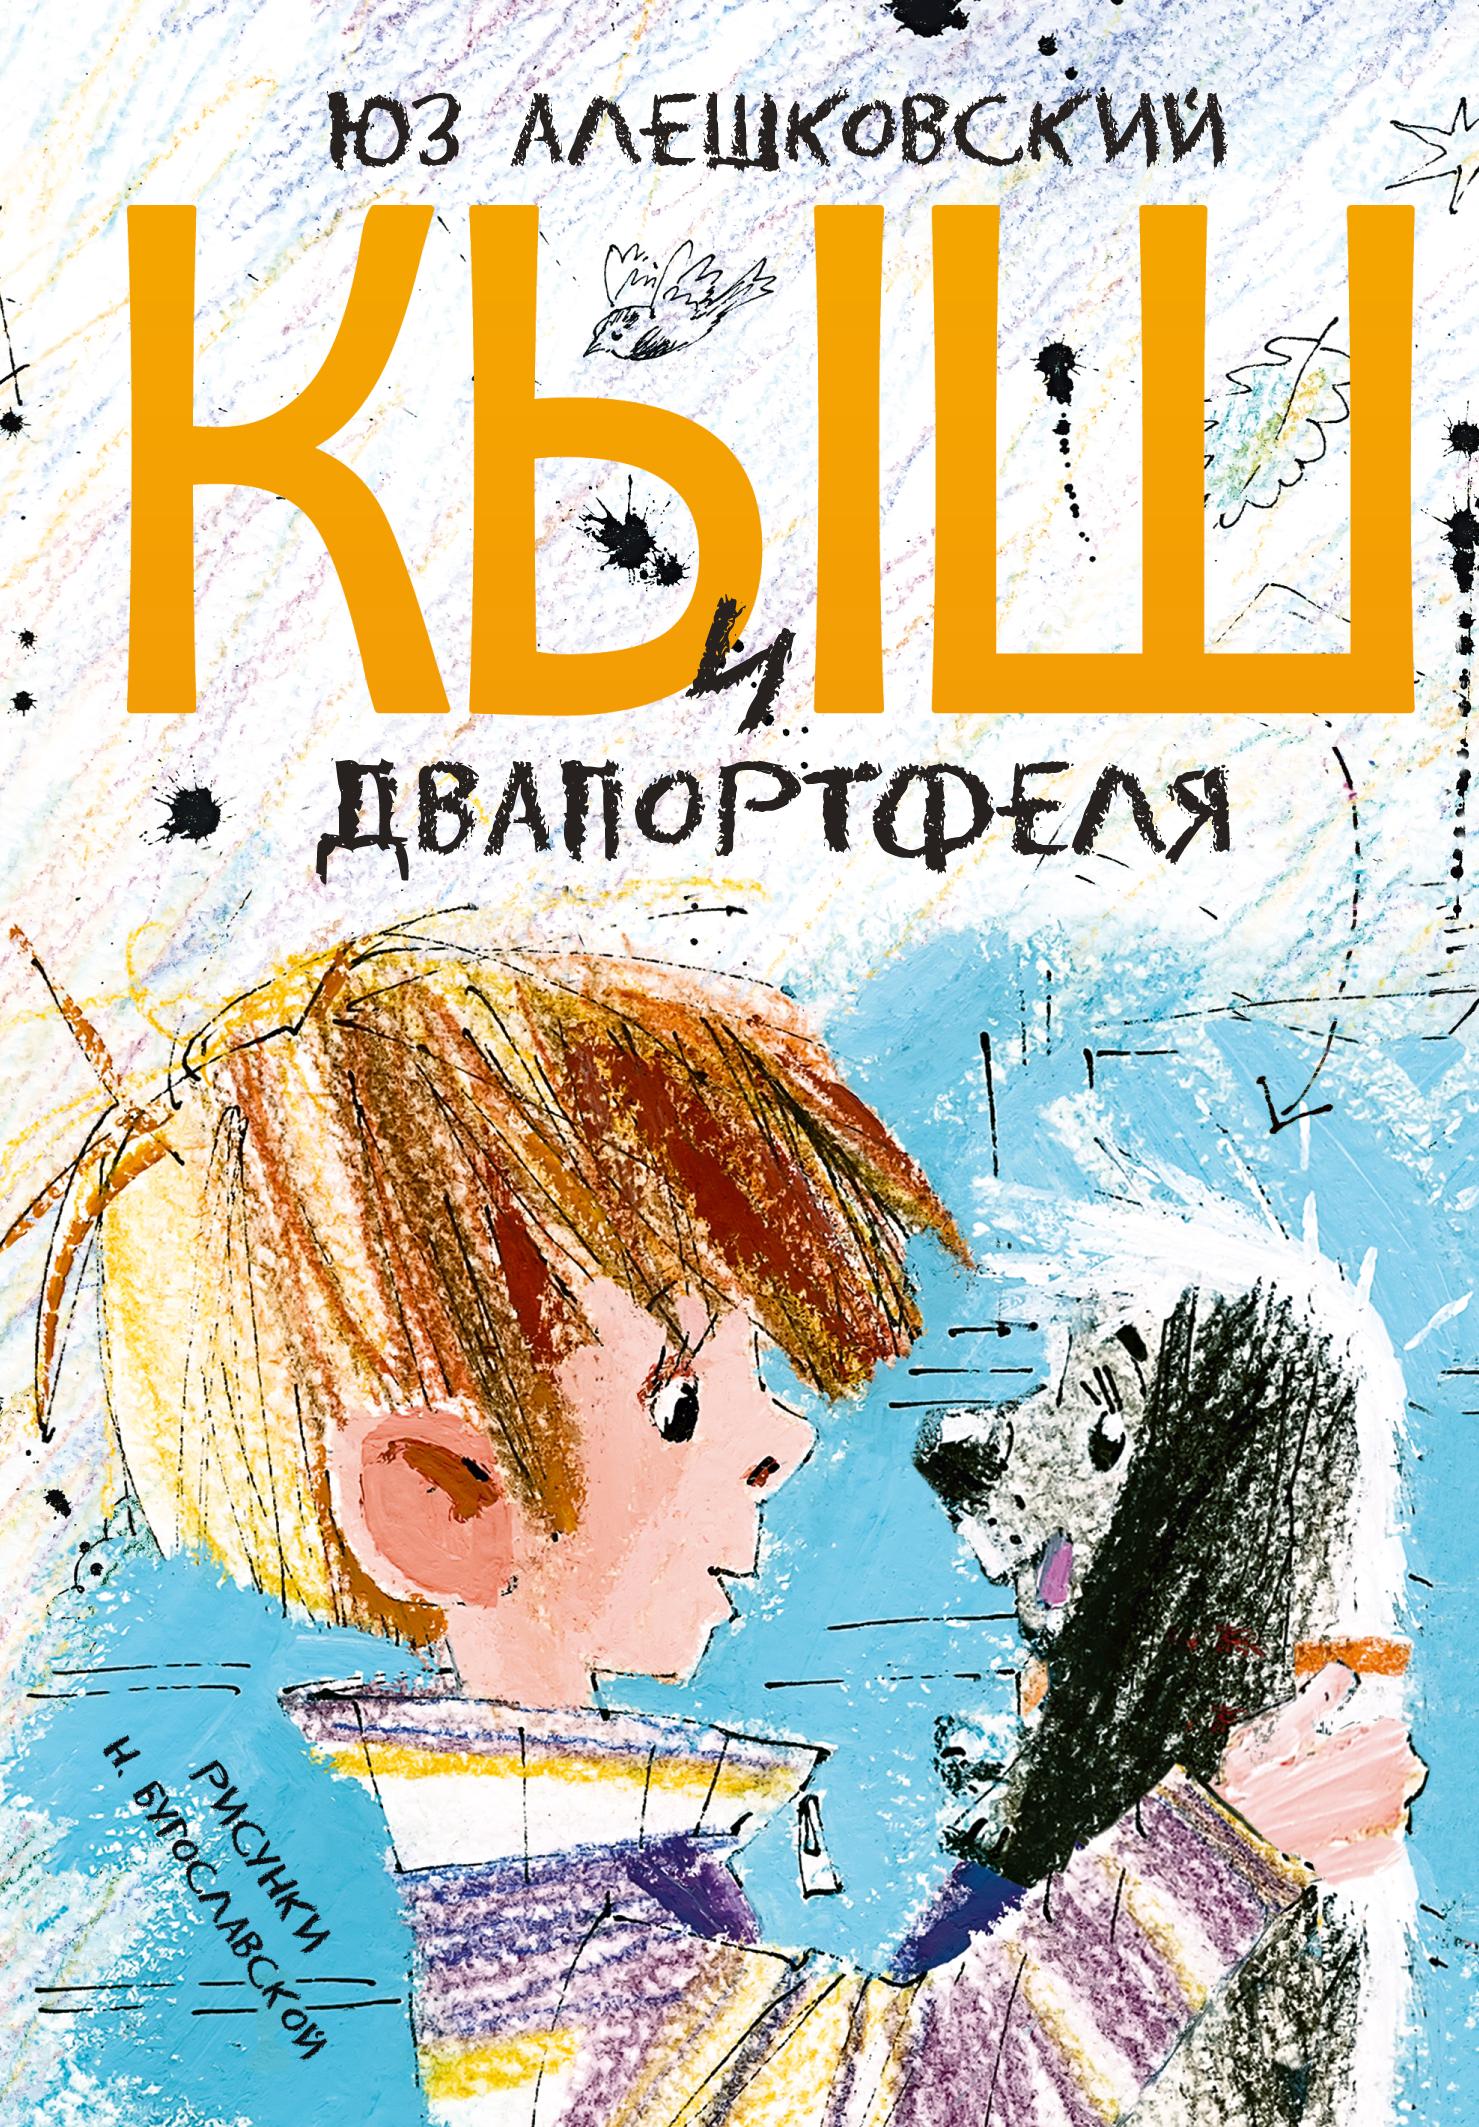 Алешковский Юз Кыш и Двапортфеля художественные книги эксмо книга кыш двапортфеля и целая неделя кыш и я в крыму